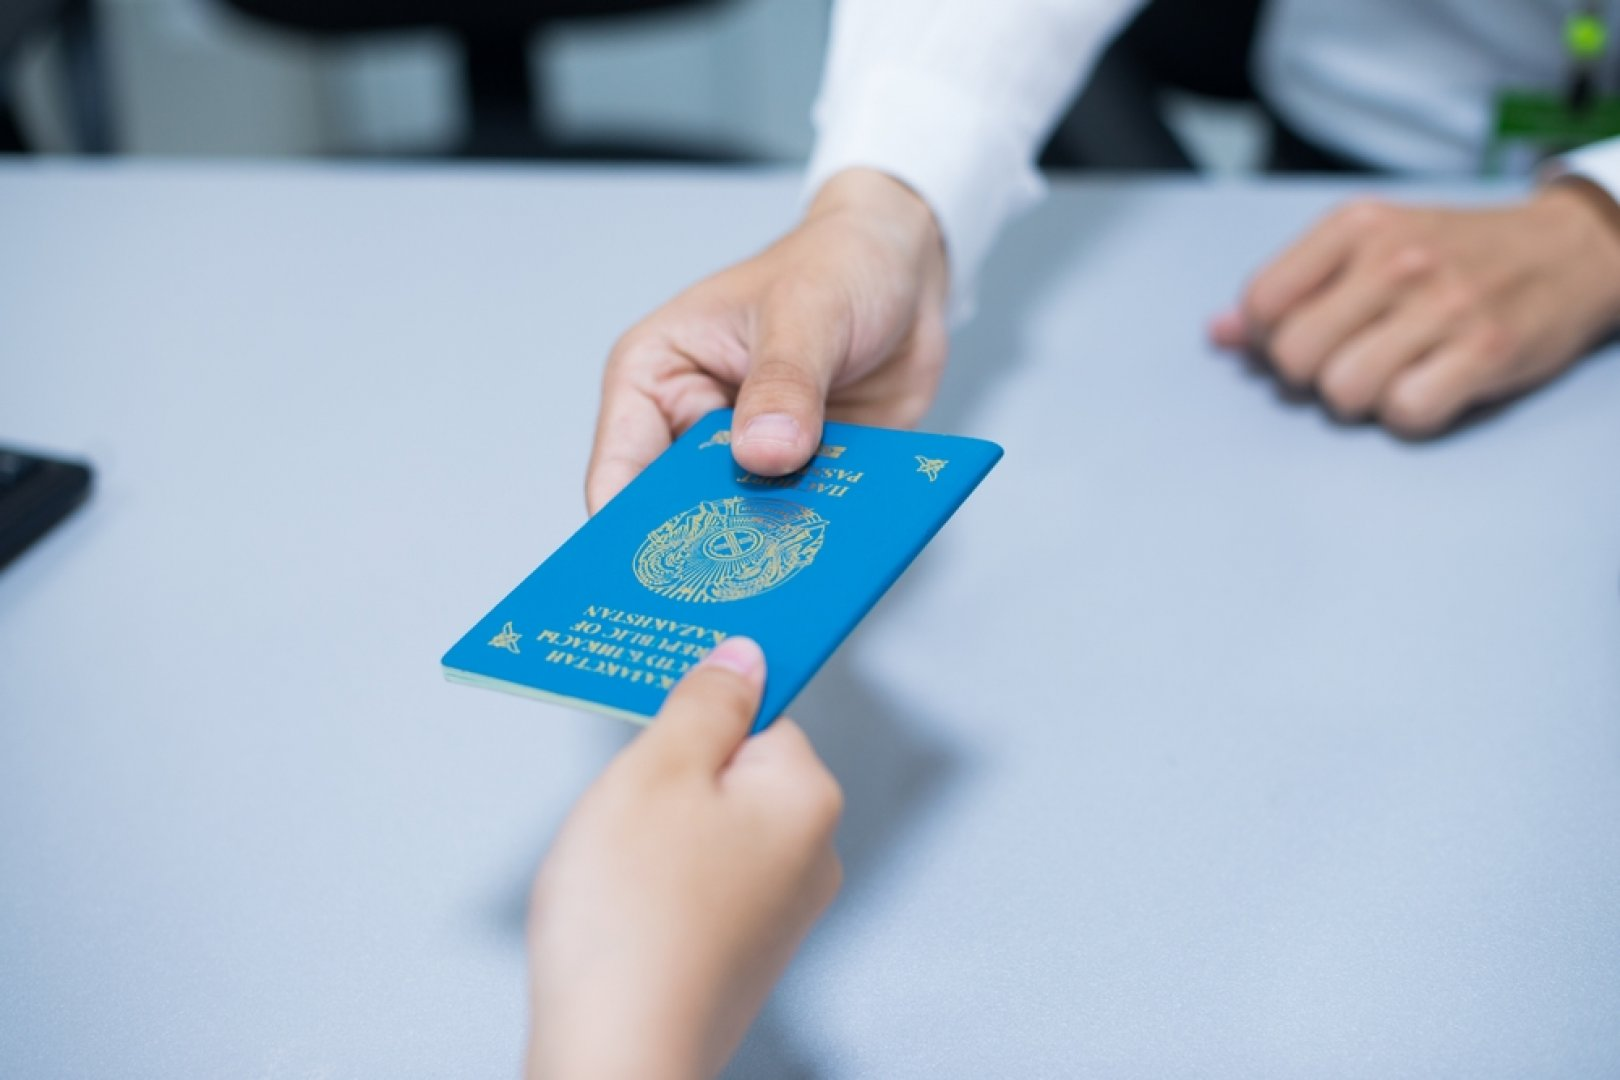 Отказаться от гражданства украины для получения рвж или при получении рф